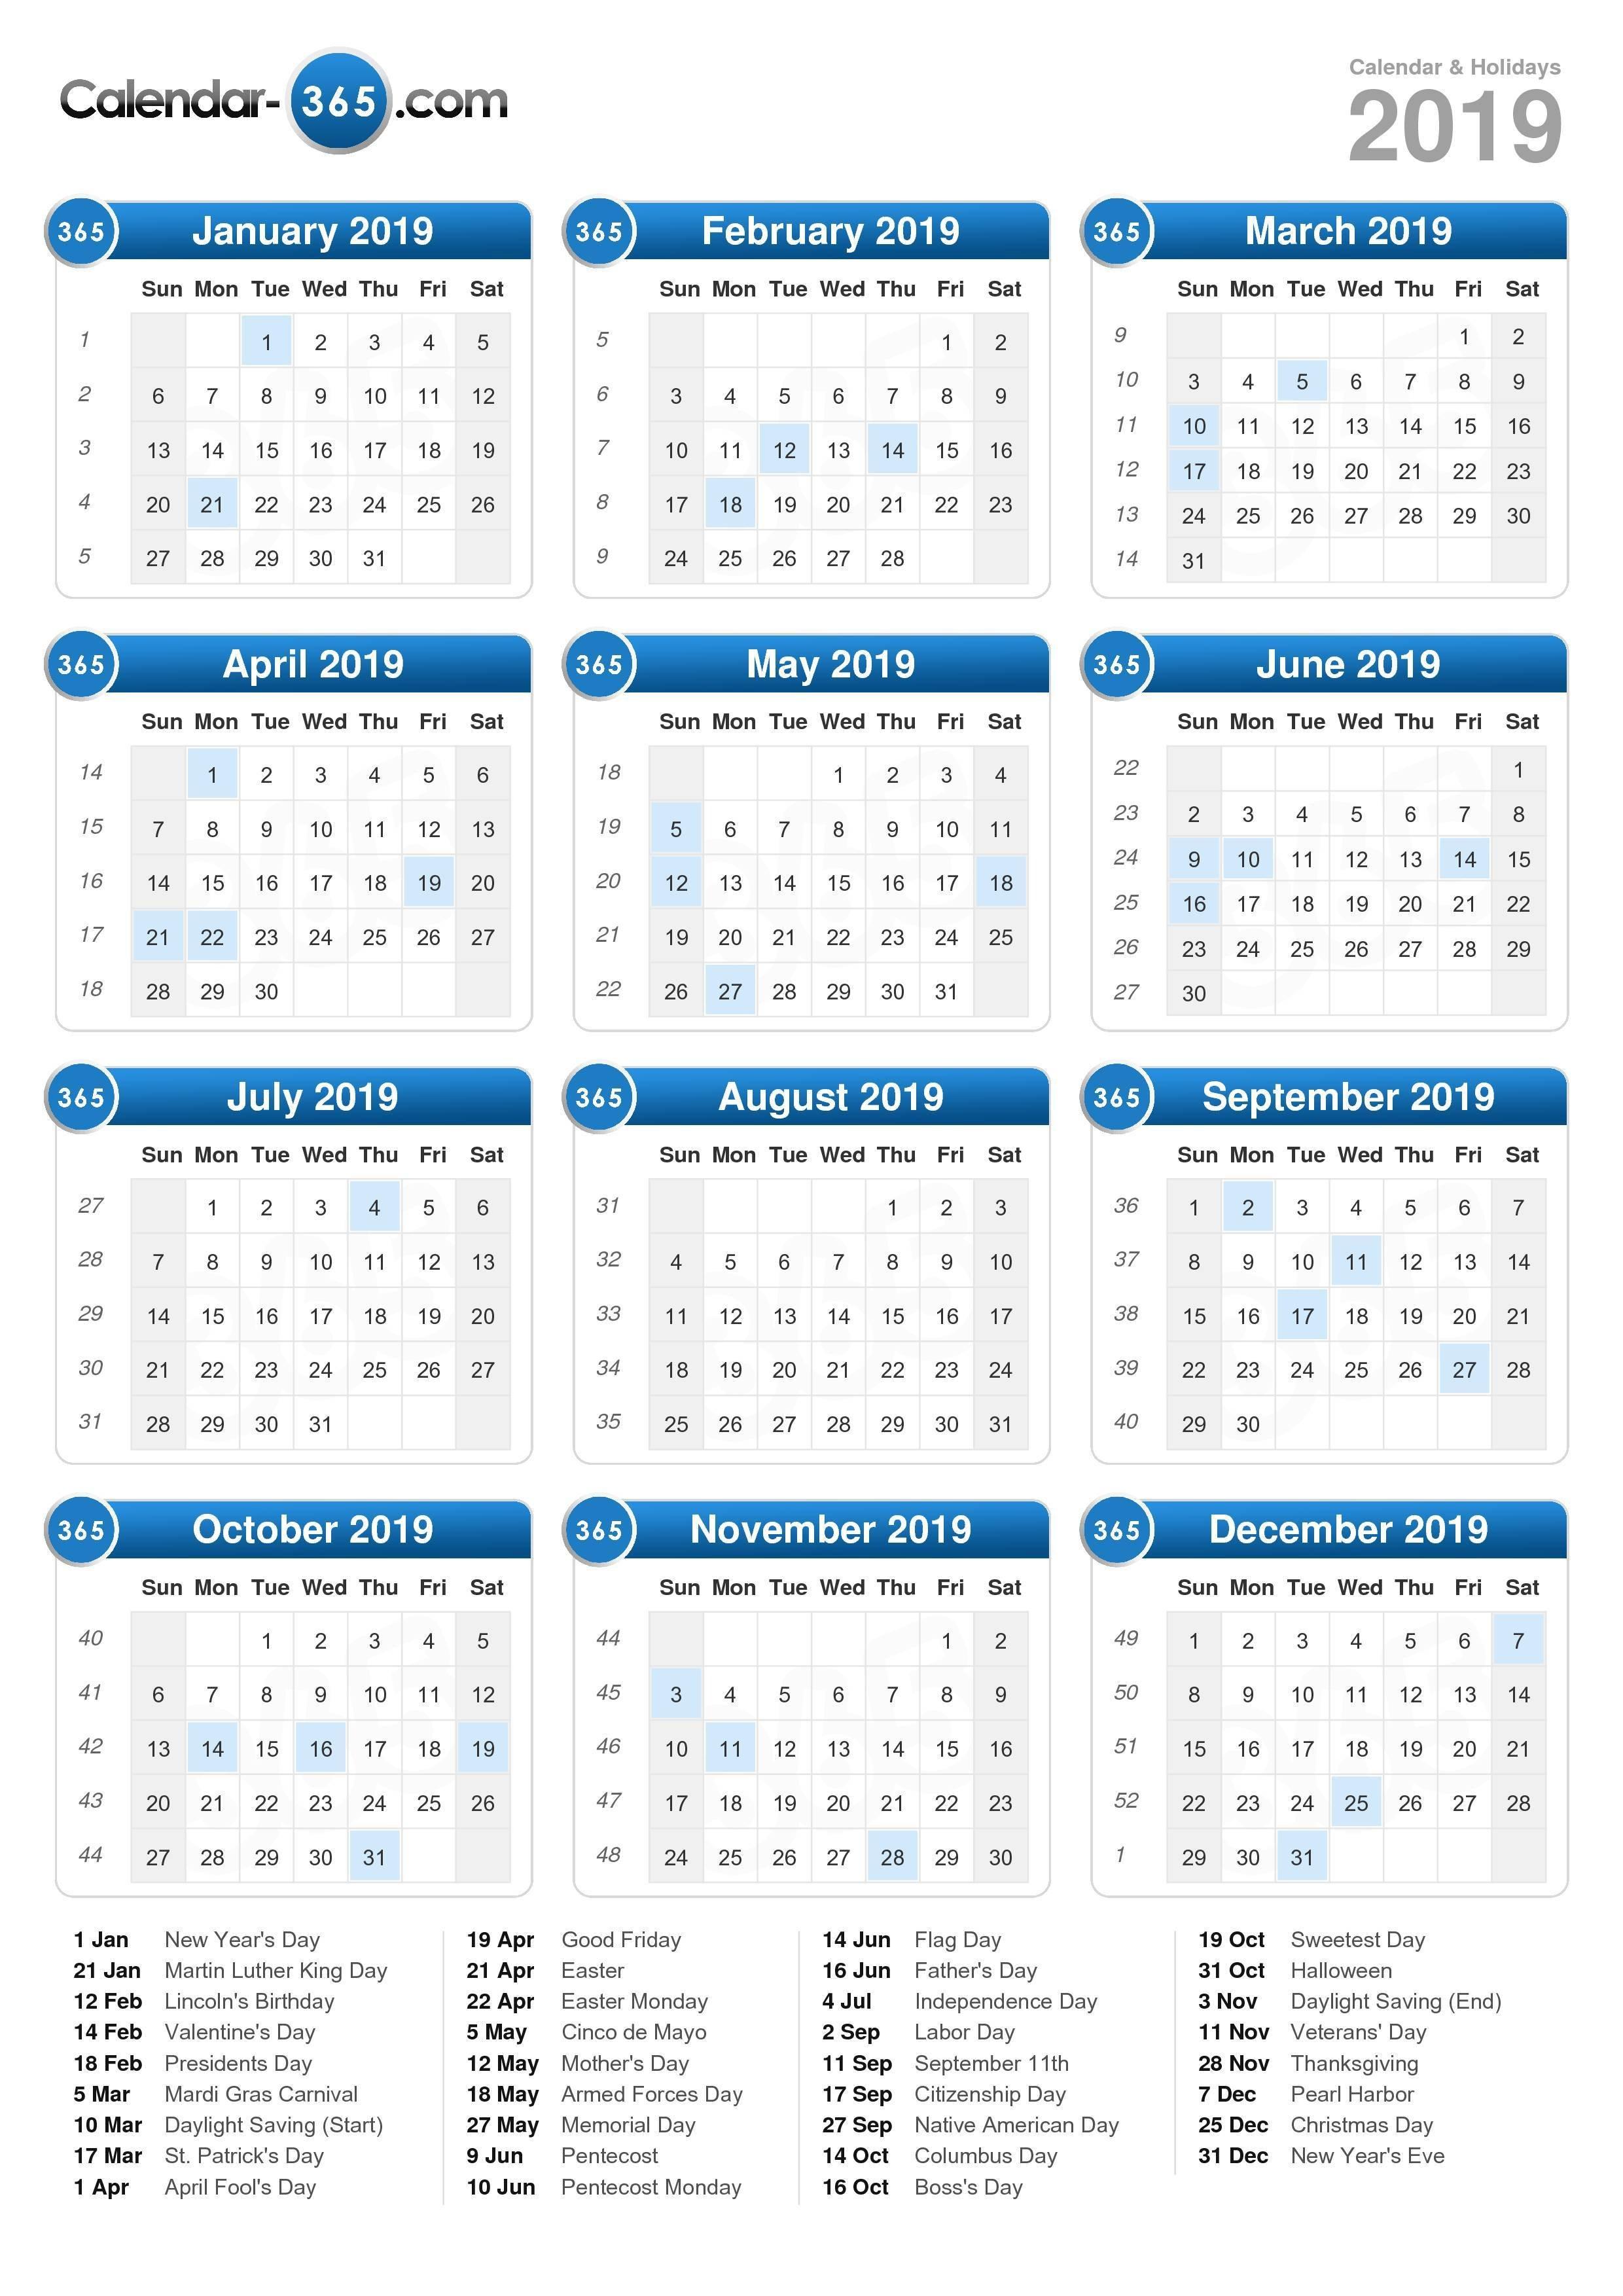 2019 Calendar Calendar 2019 Holidays